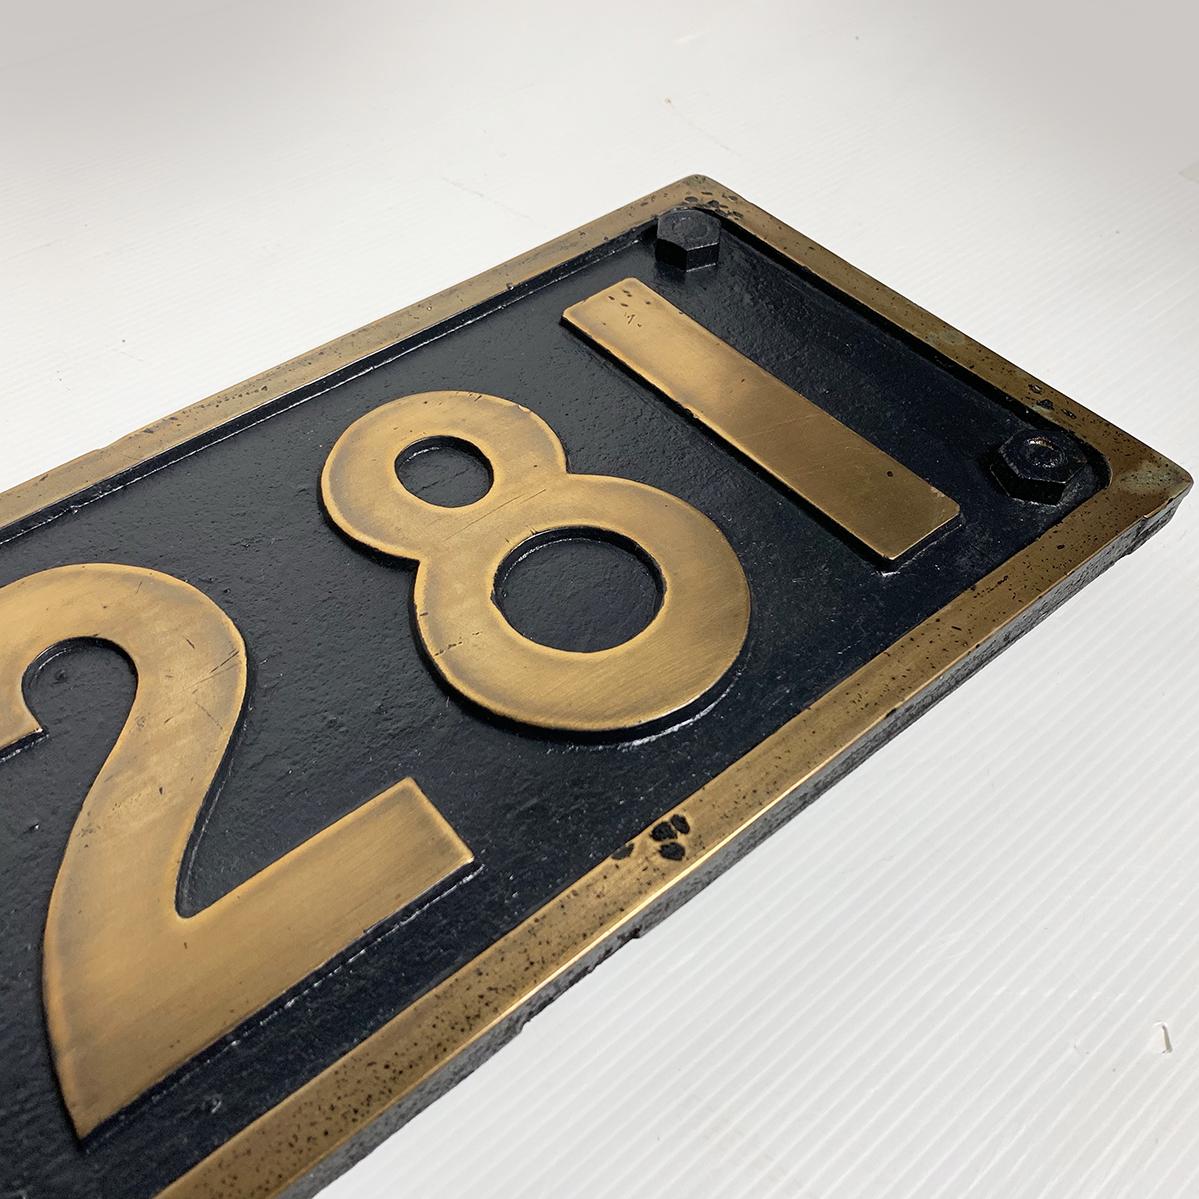 ボルト付 実装品!!超希少 国鉄 当時物 D50 281 デゴマル SL D50形 蒸気機関車 砲金 ナンバープレート 番号板 車両部品 鉄道 北海道 デゴレ_画像4